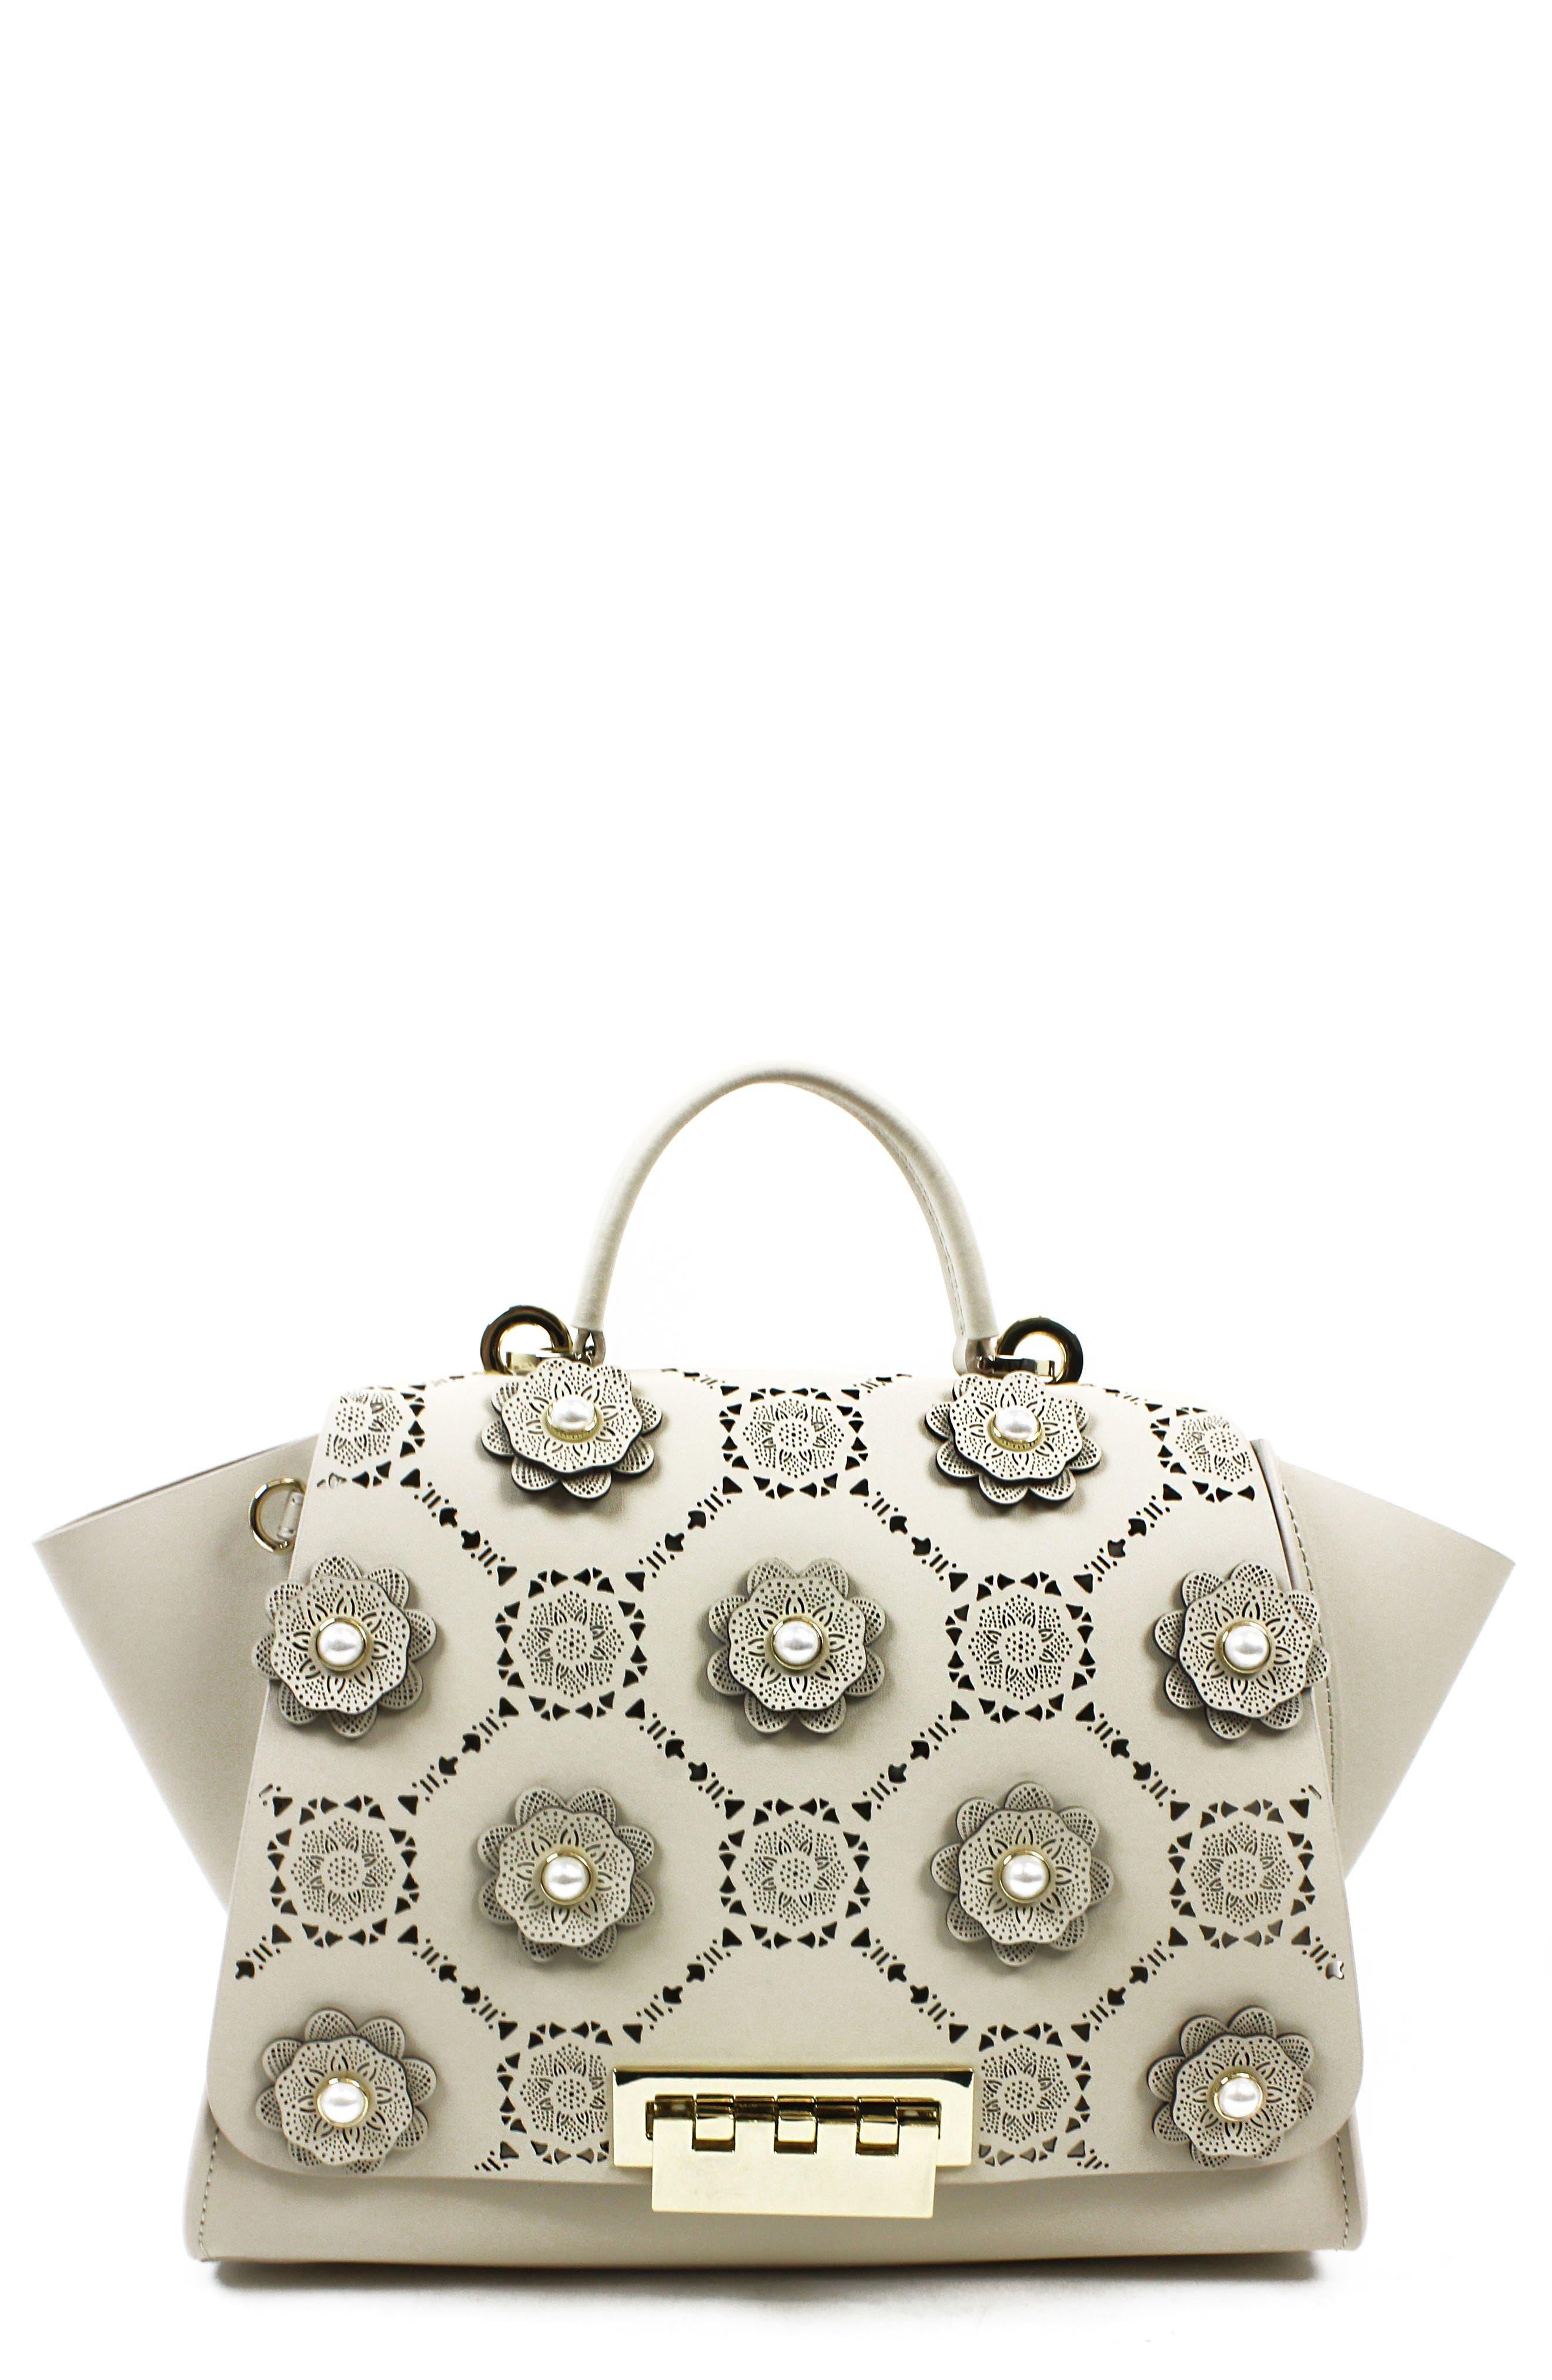 Eartha Iconic Soft Top Handle Handbag,                             Main thumbnail 1, color,                             250